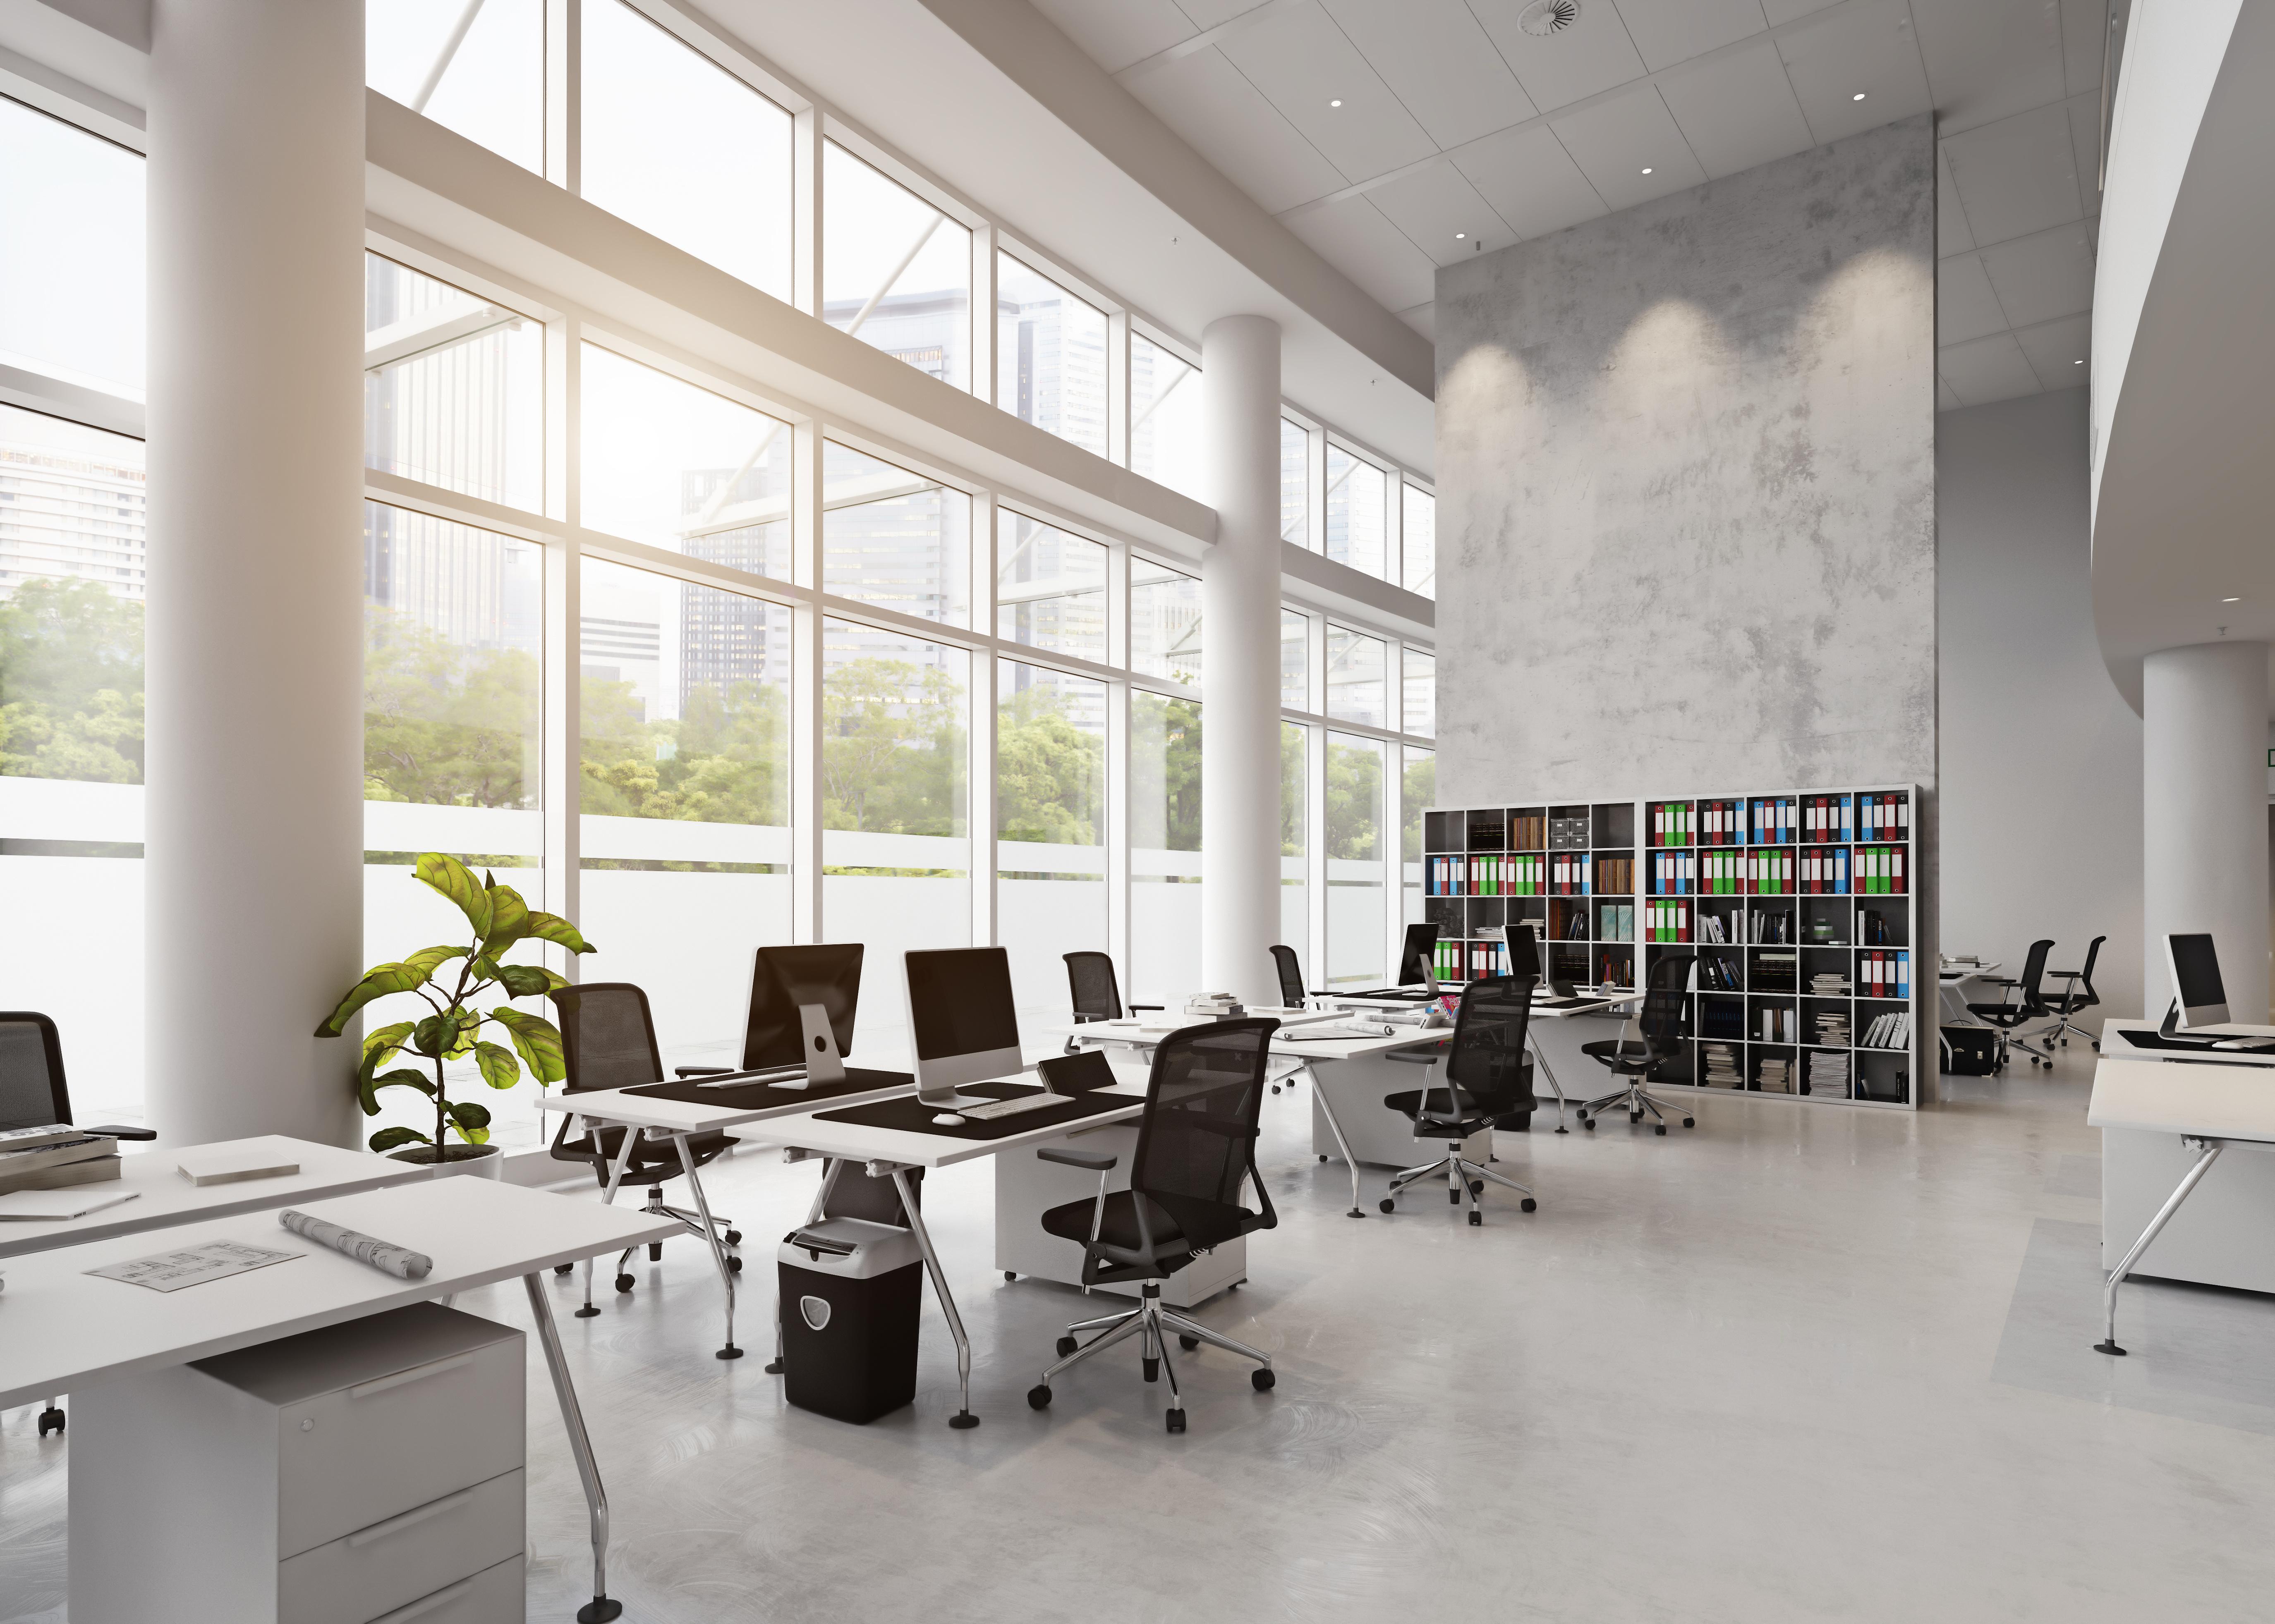 シェアオフィス・コワーキングスペース